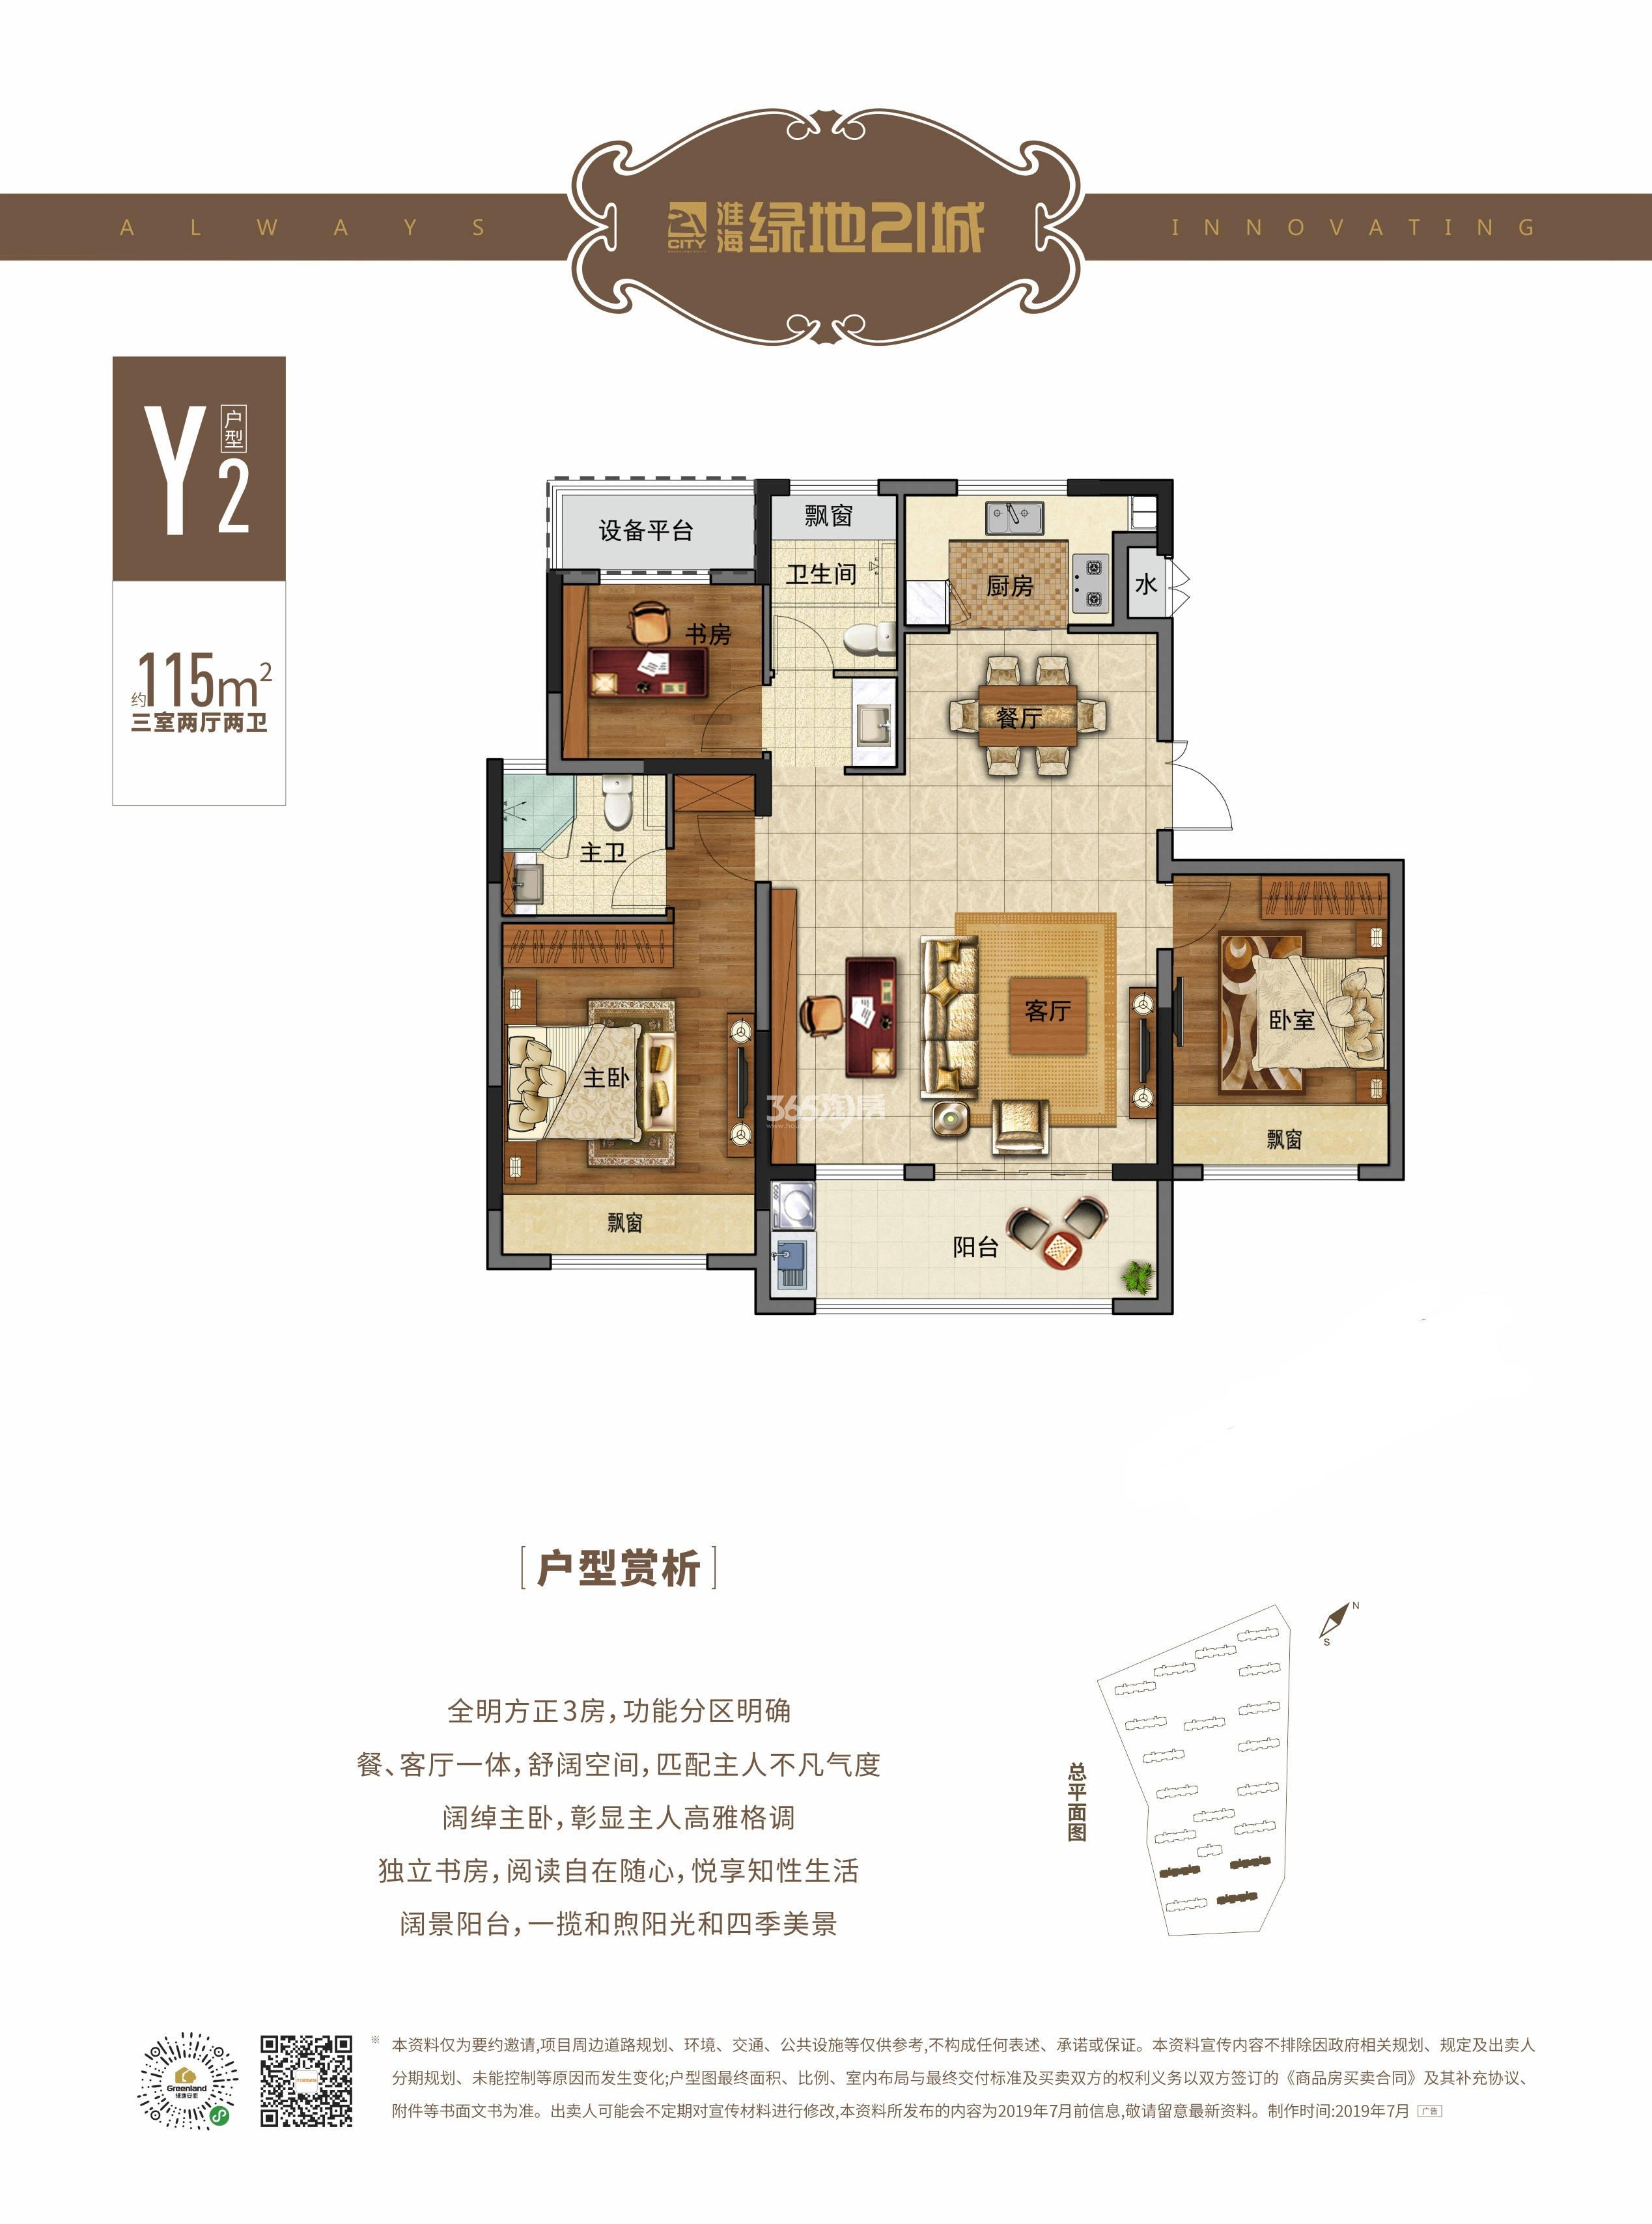 淮海绿地21城洋房Y2户型图115㎡三室两厅两卫